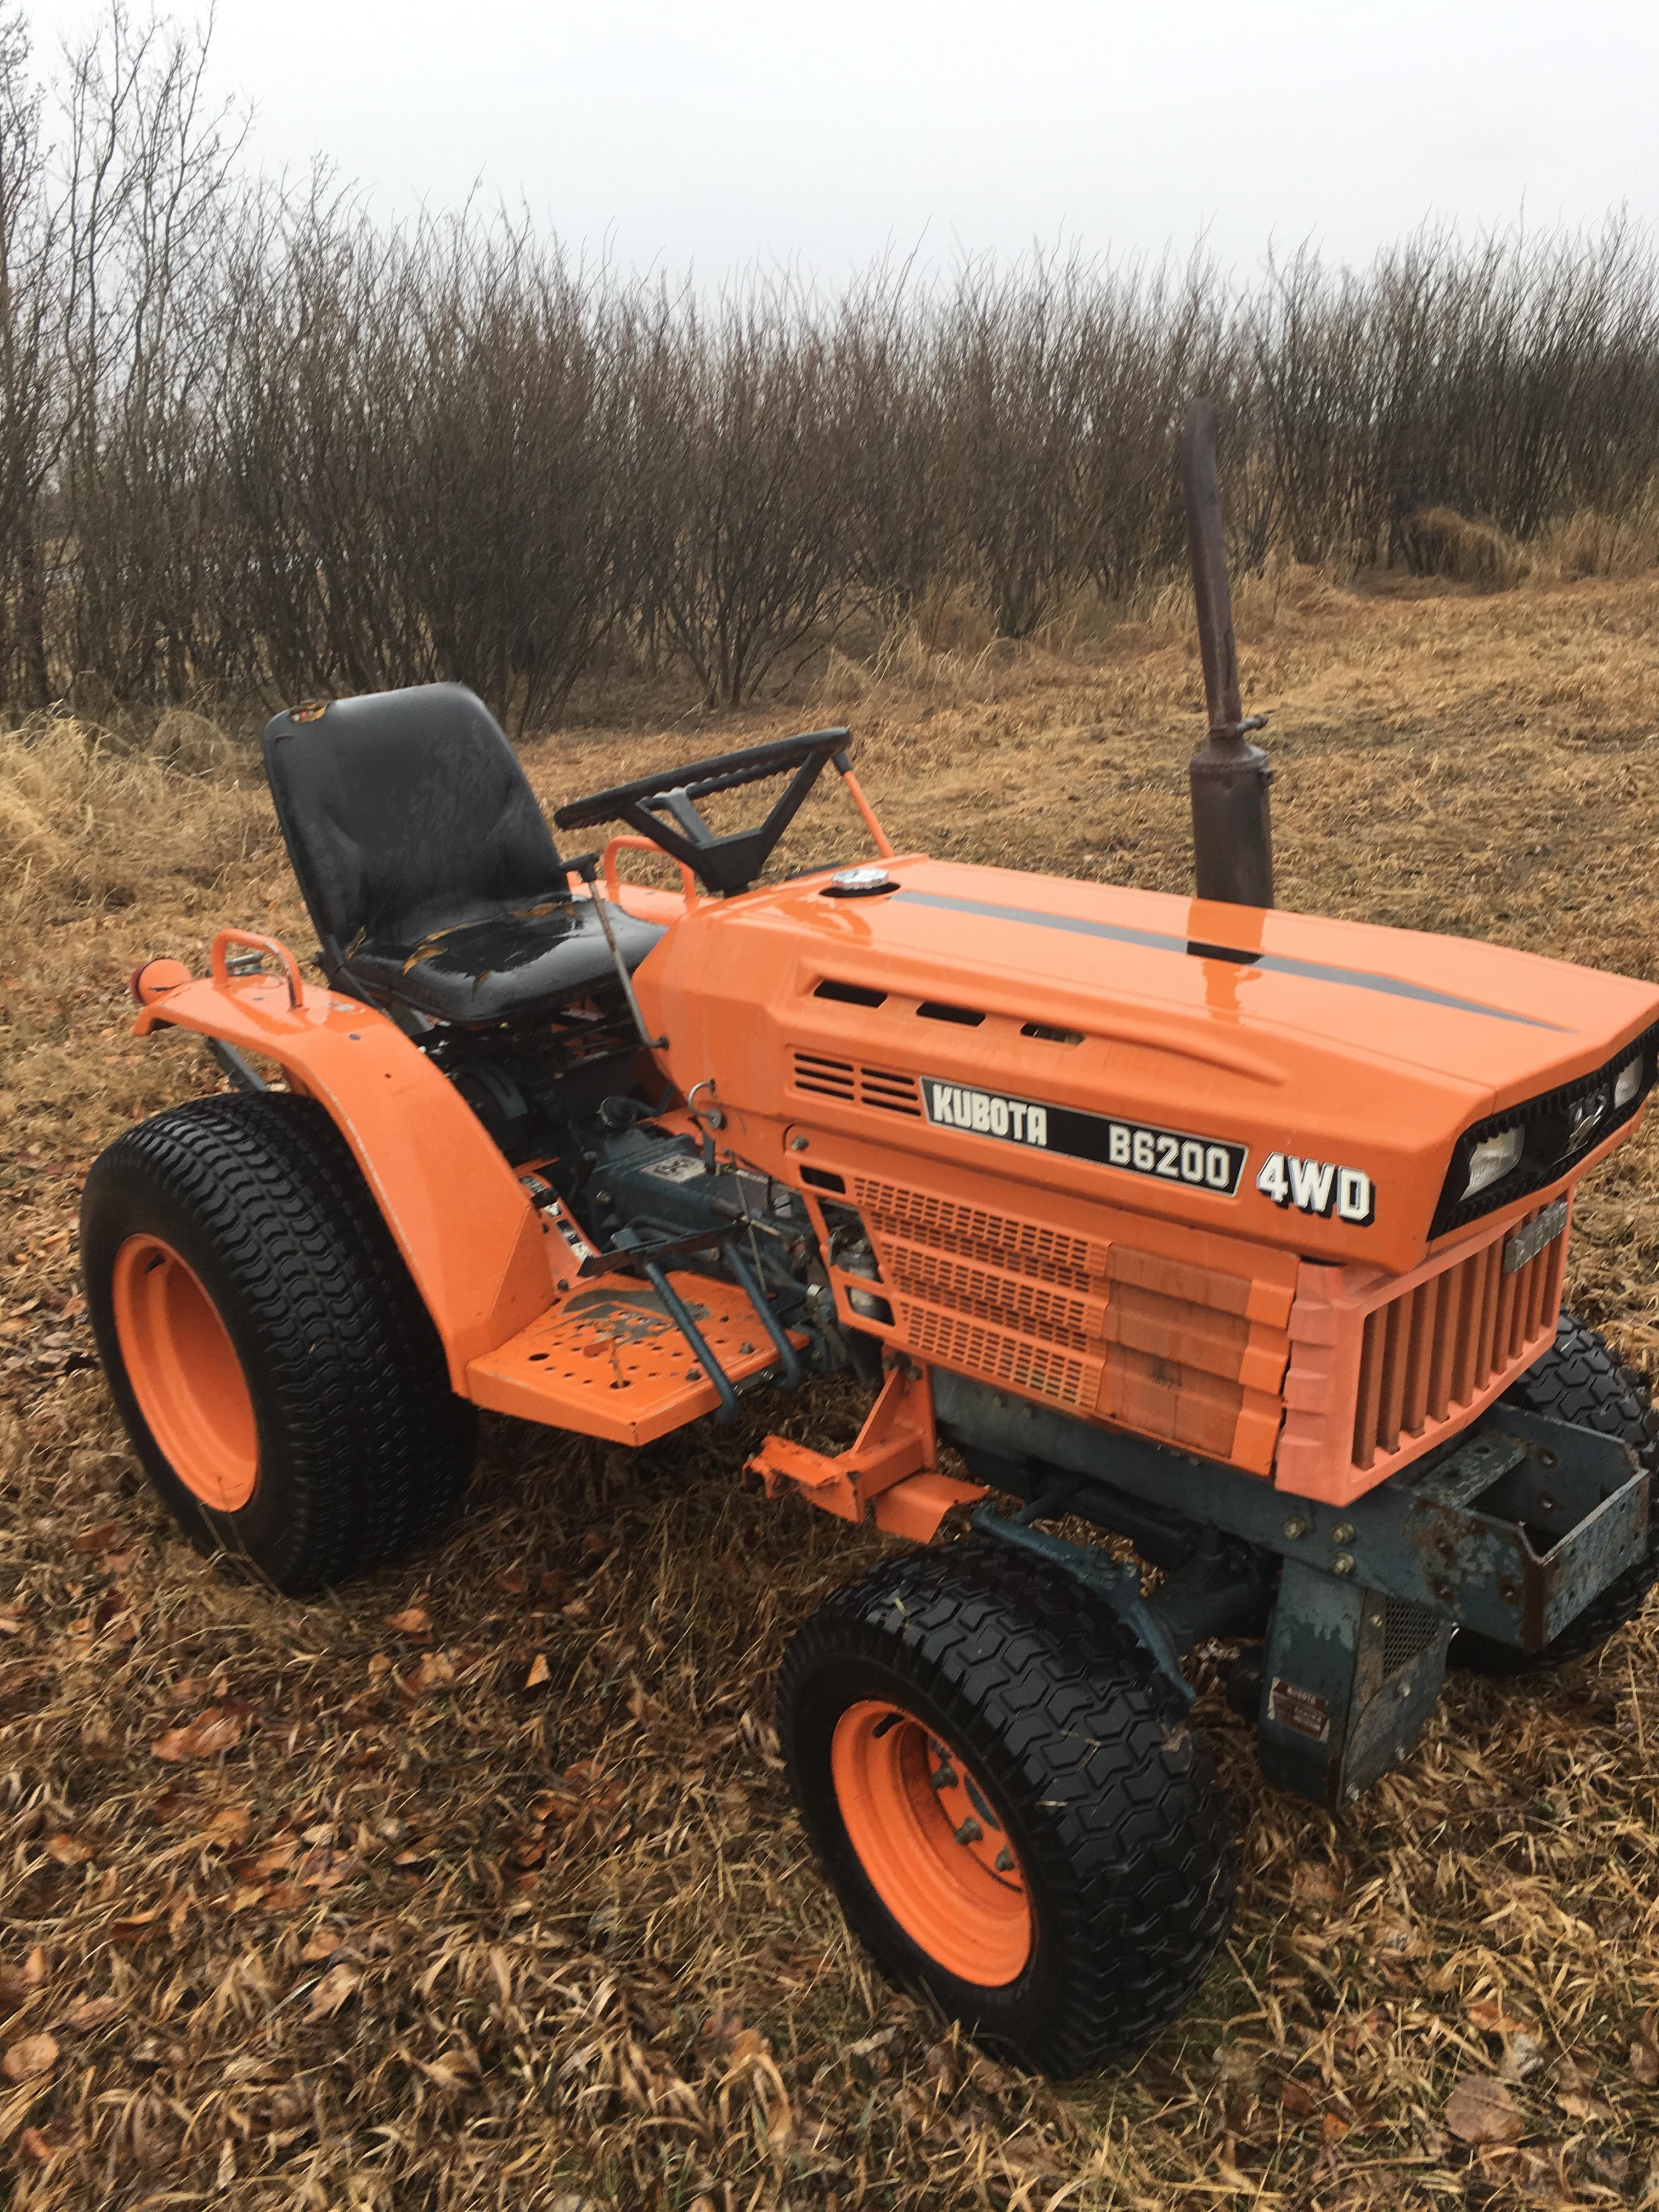 KubotaB6200 garden tractor, 4X4, 3 pt. hitch, 15 hp. diesel.